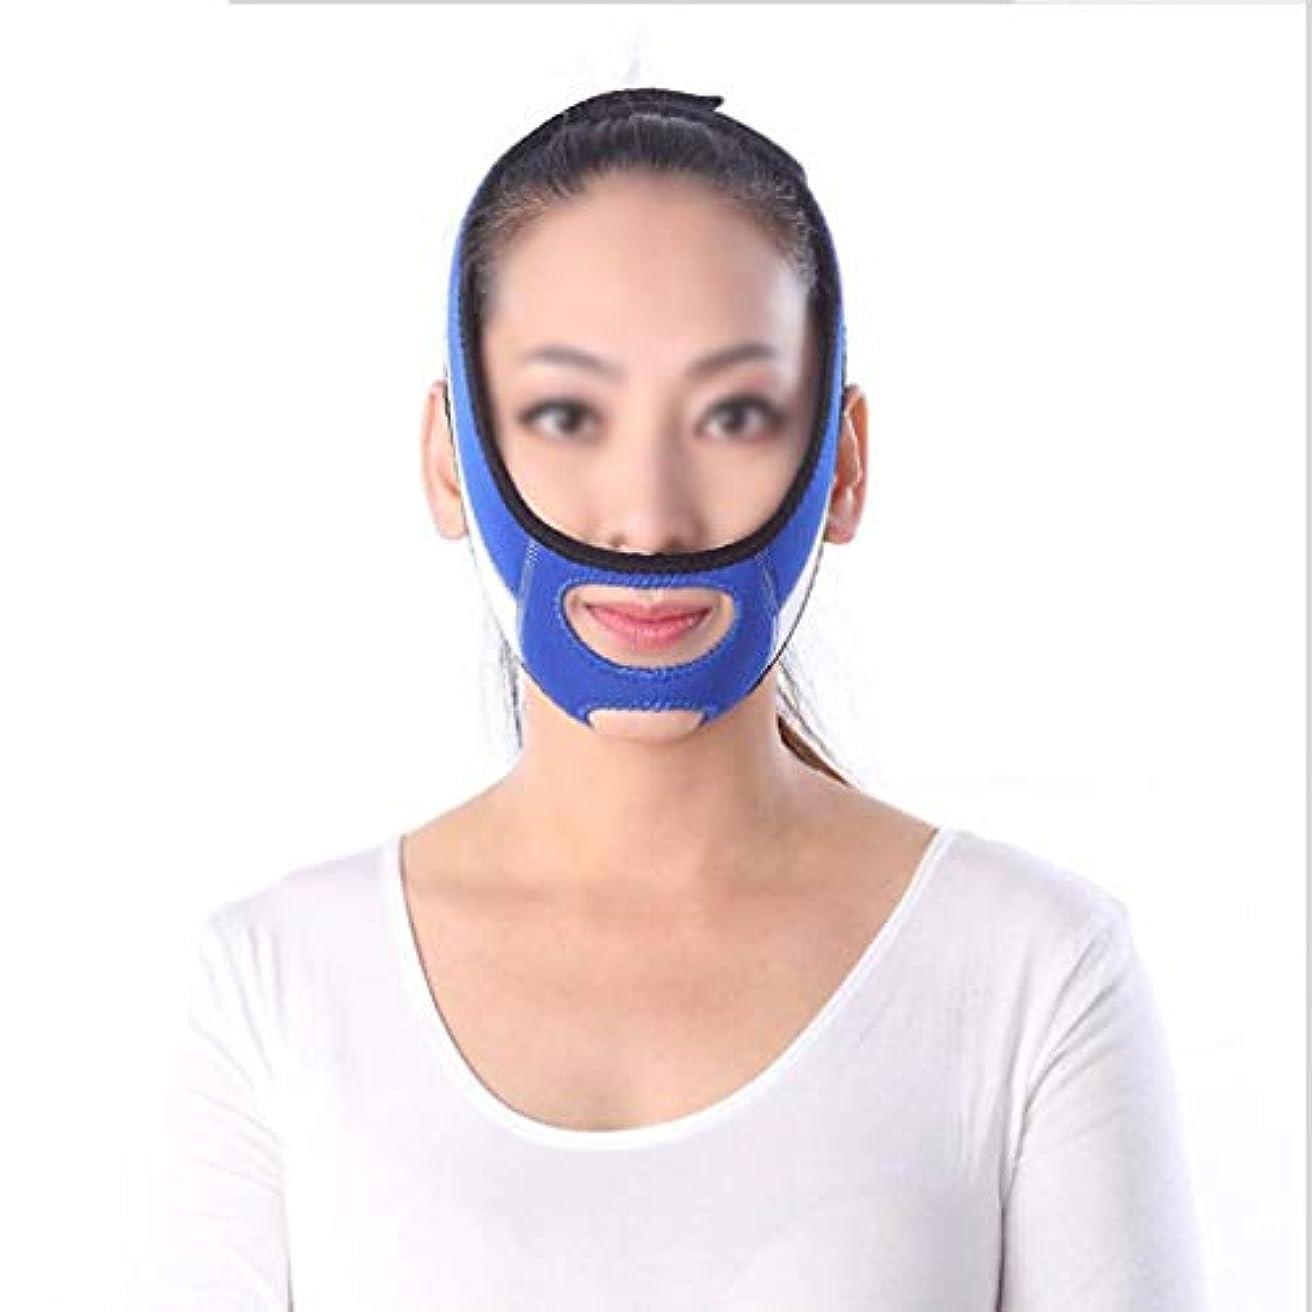 赤道オズワルドスカーフフェイスリフティングマスク、リフティングローパターン包帯ラインカービングリペアツールファーミングスキンスモールVフェイスバンド